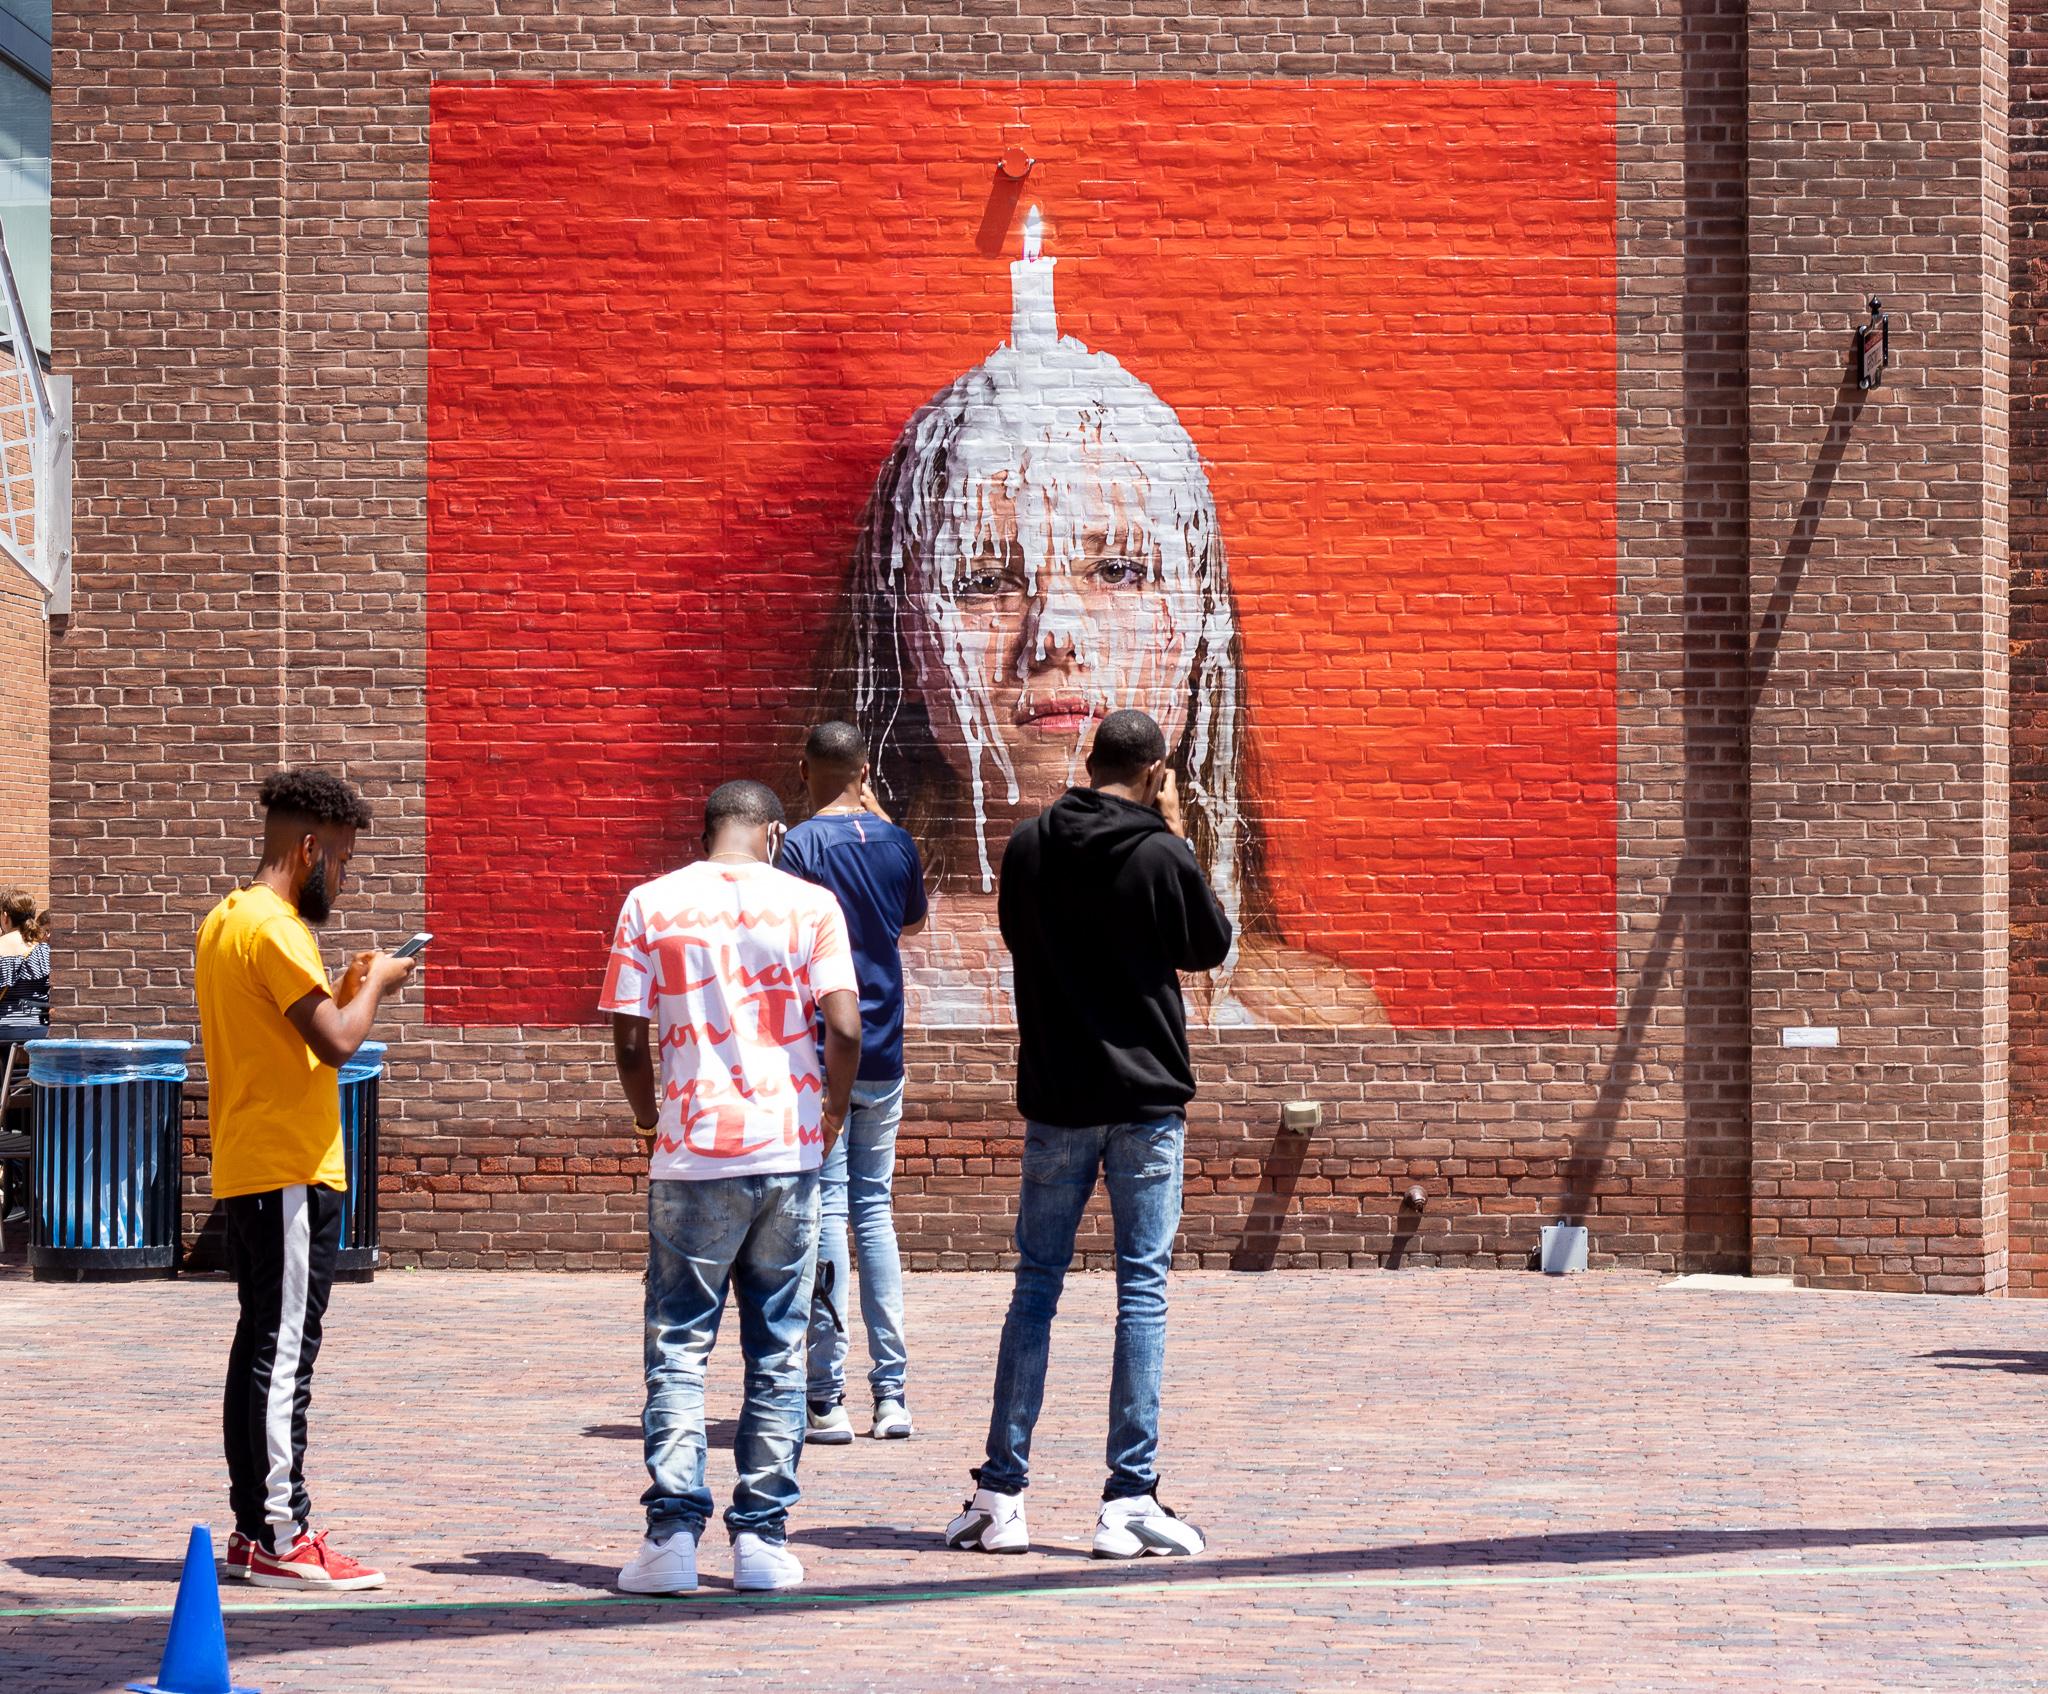 Straßenkunst gibt es auch im Distillery District.